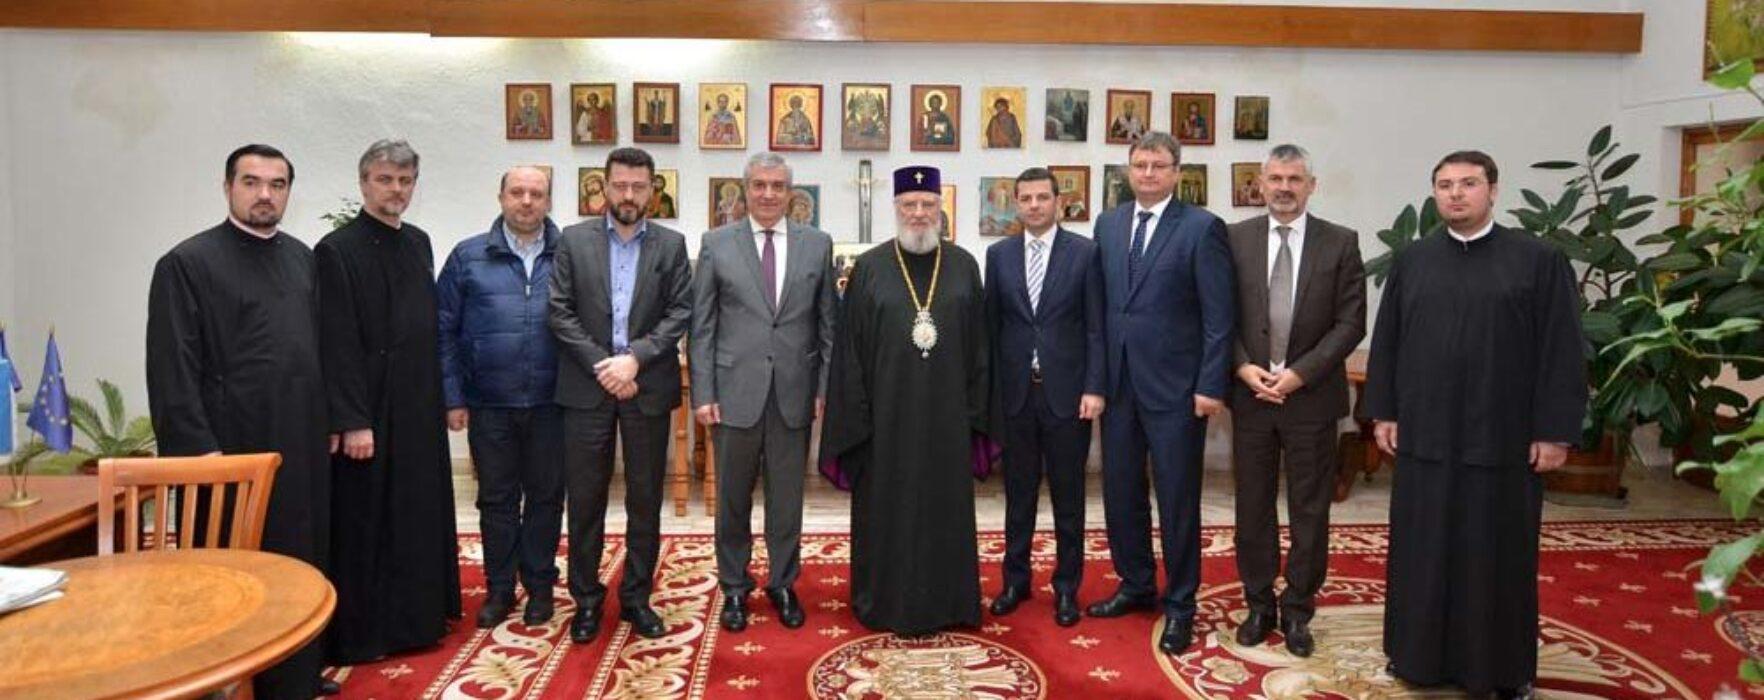 Preşedintele Senatului, Călin Popescu Tăriceanu, s-a întâlnit cu arhiepiscopul Nifon, la Târgovişte